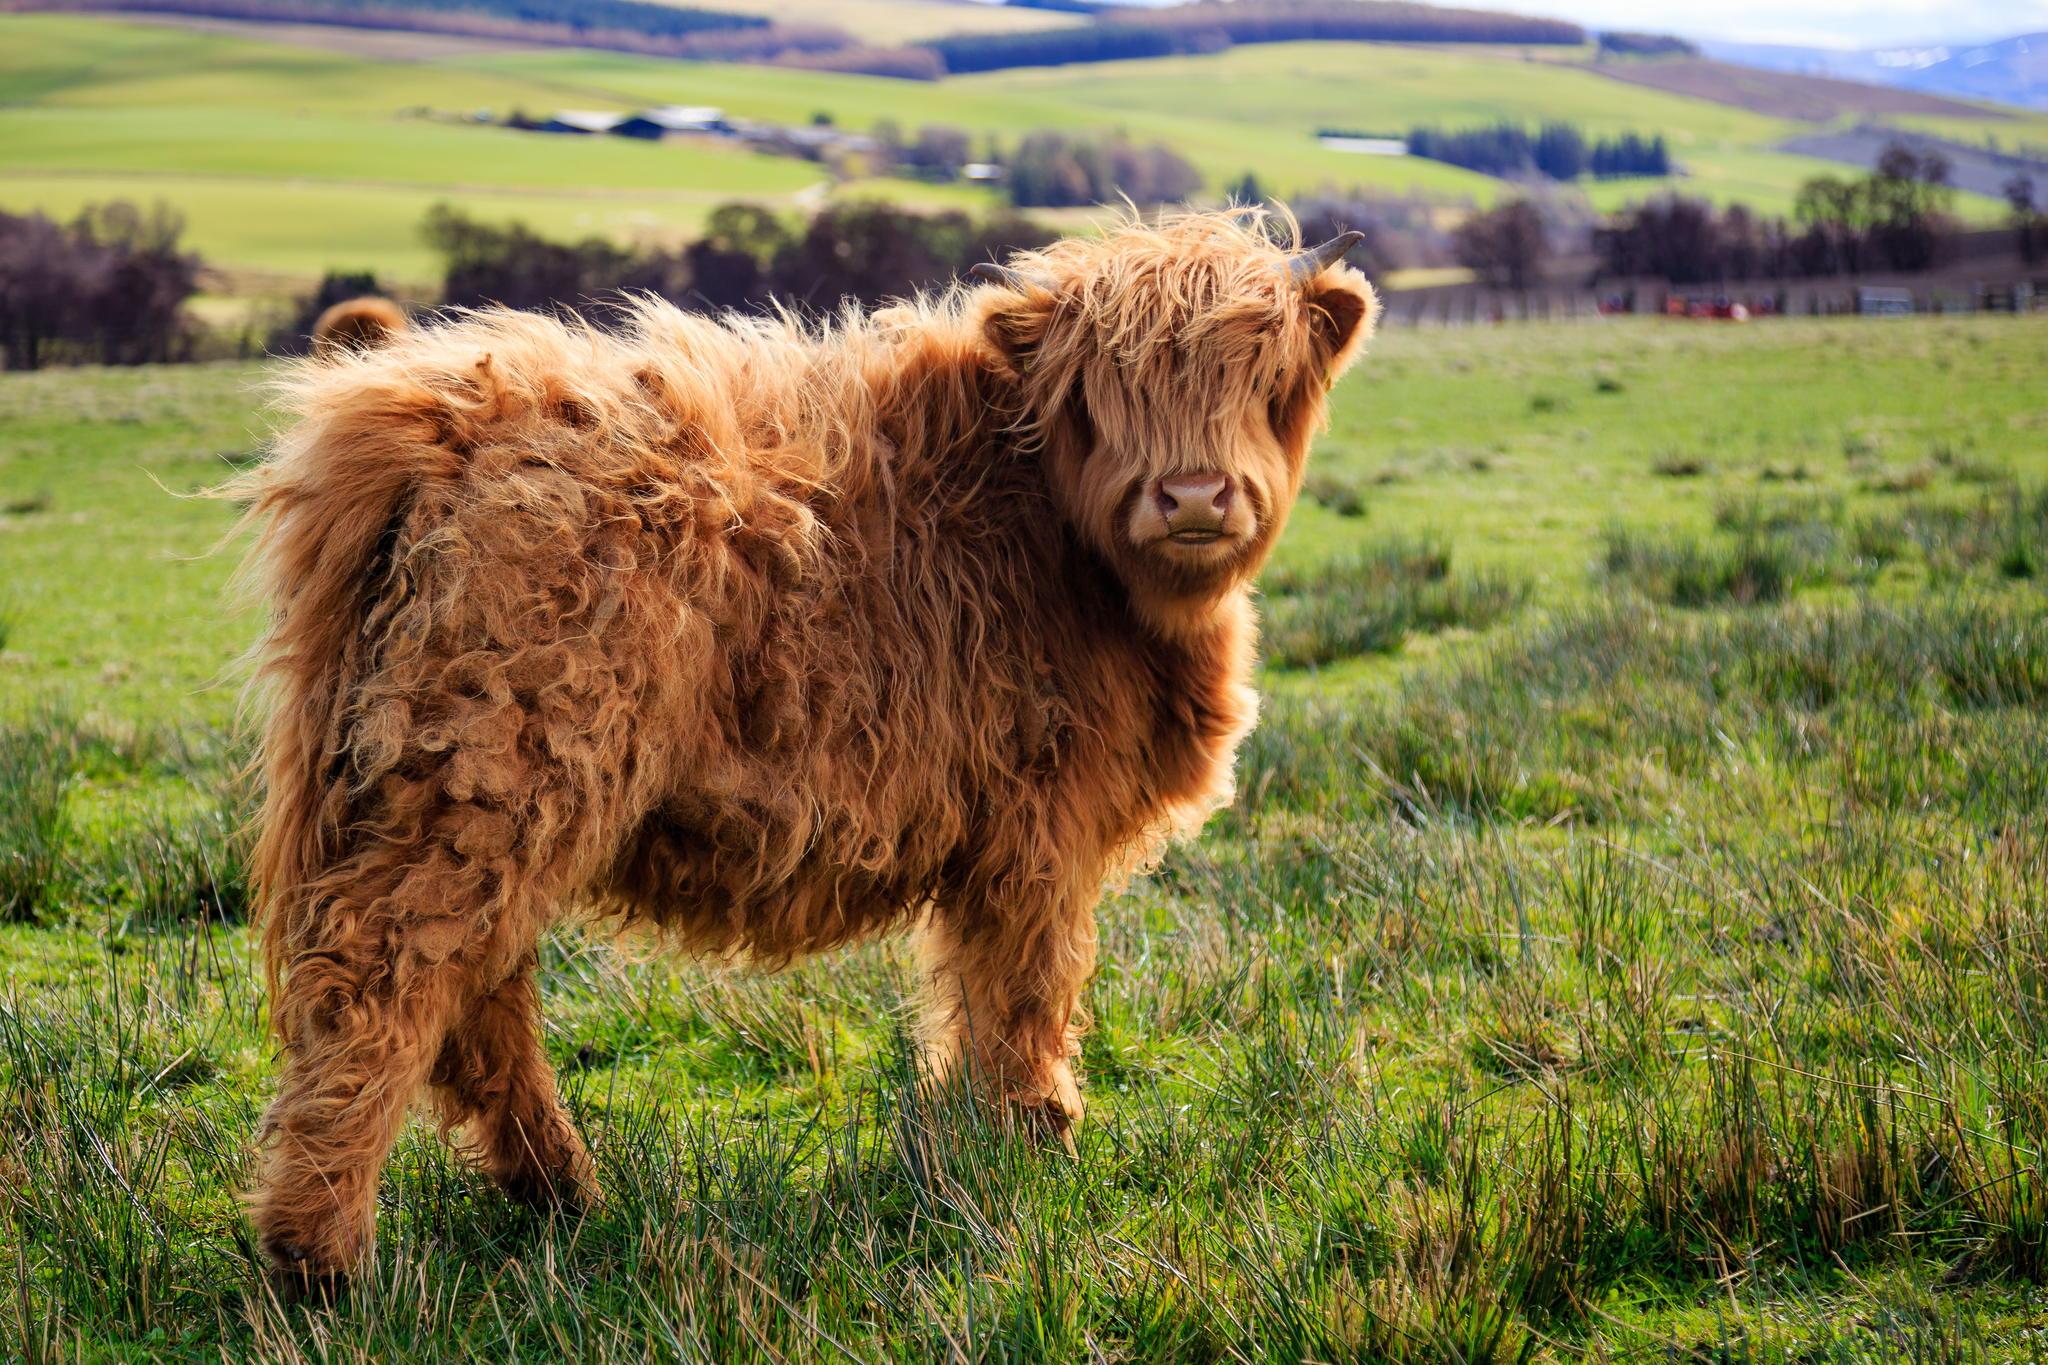 20-Animais-com-seus-longos-e-lindos-pêlos-e-penas-Blog-Animal (2)